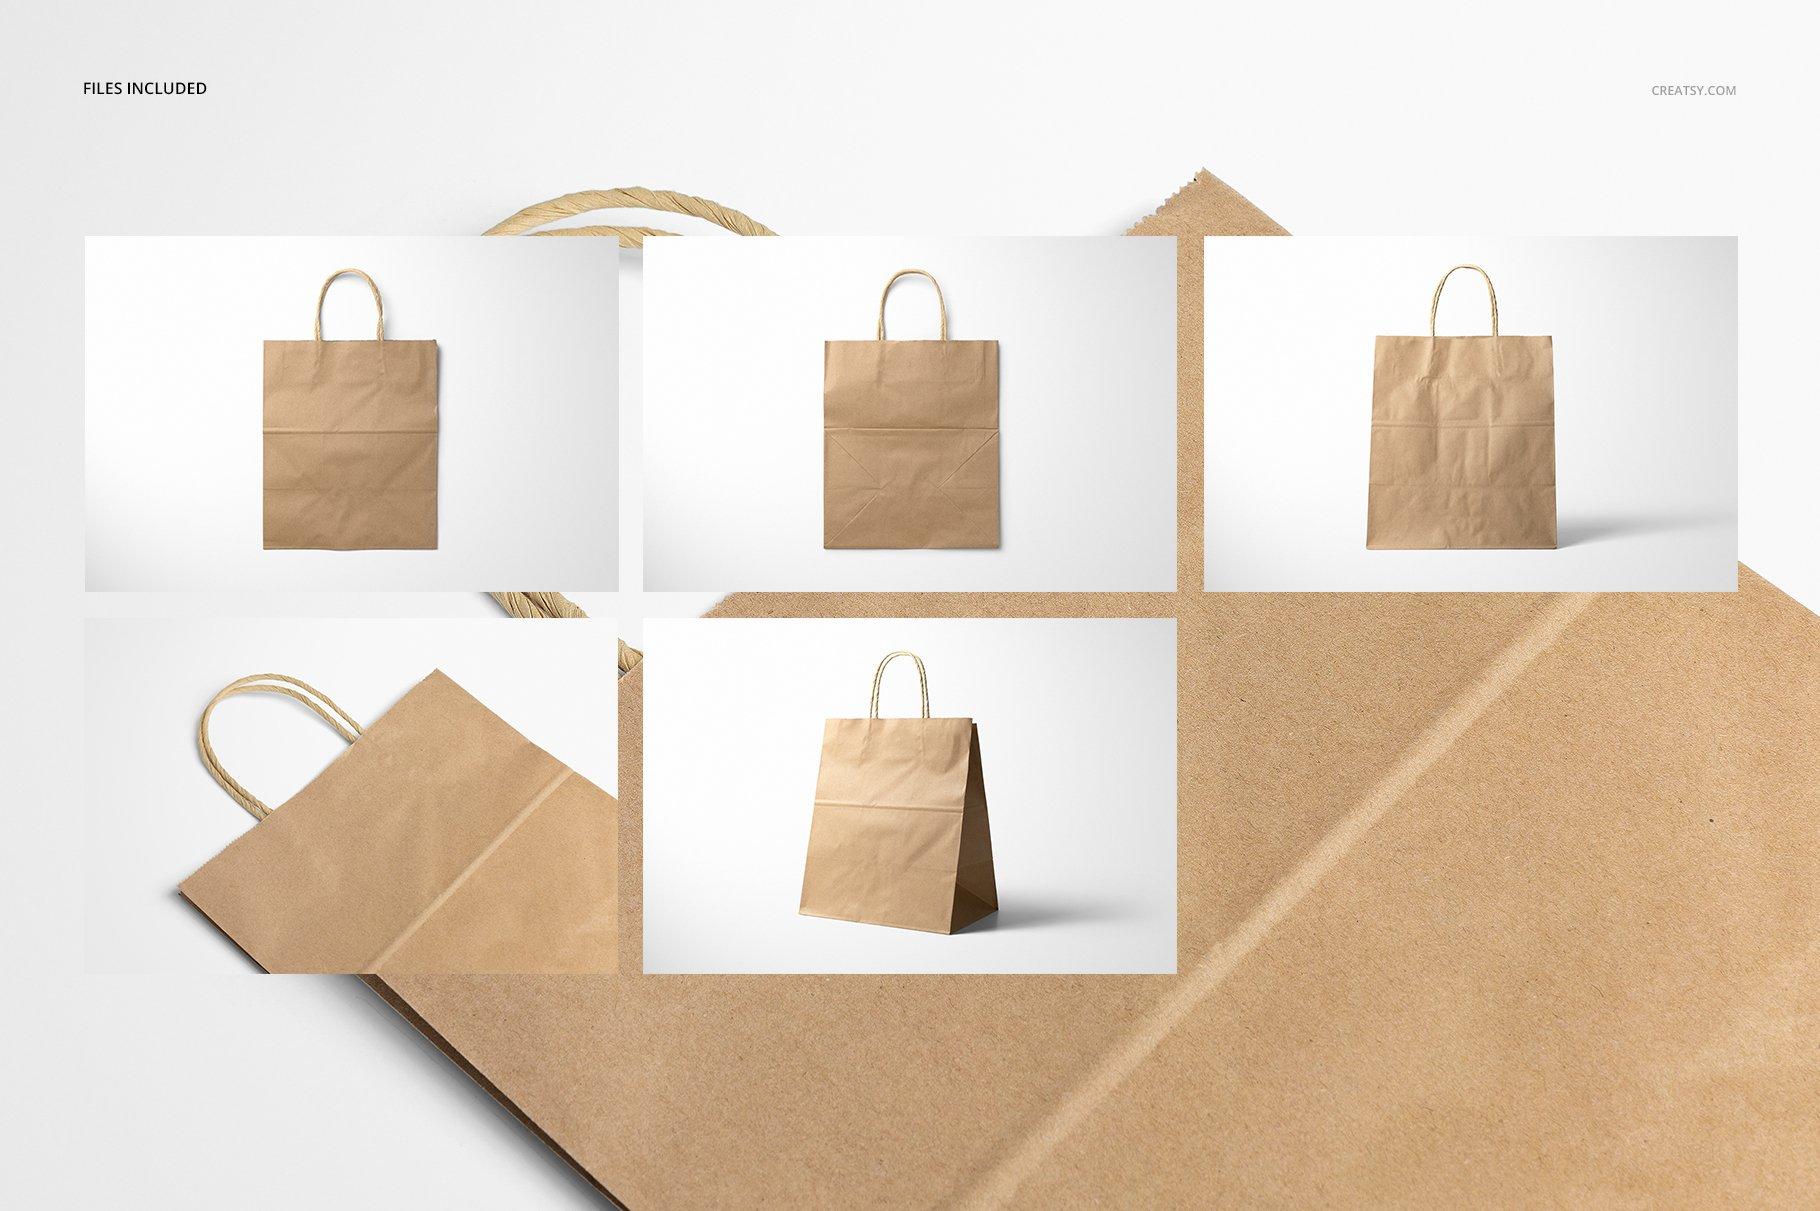 [淘宝购买] 时尚牛皮纸购物手提纸袋设计贴图样机模板 Natural Kraft Shopping Bag Mockup 2插图(3)